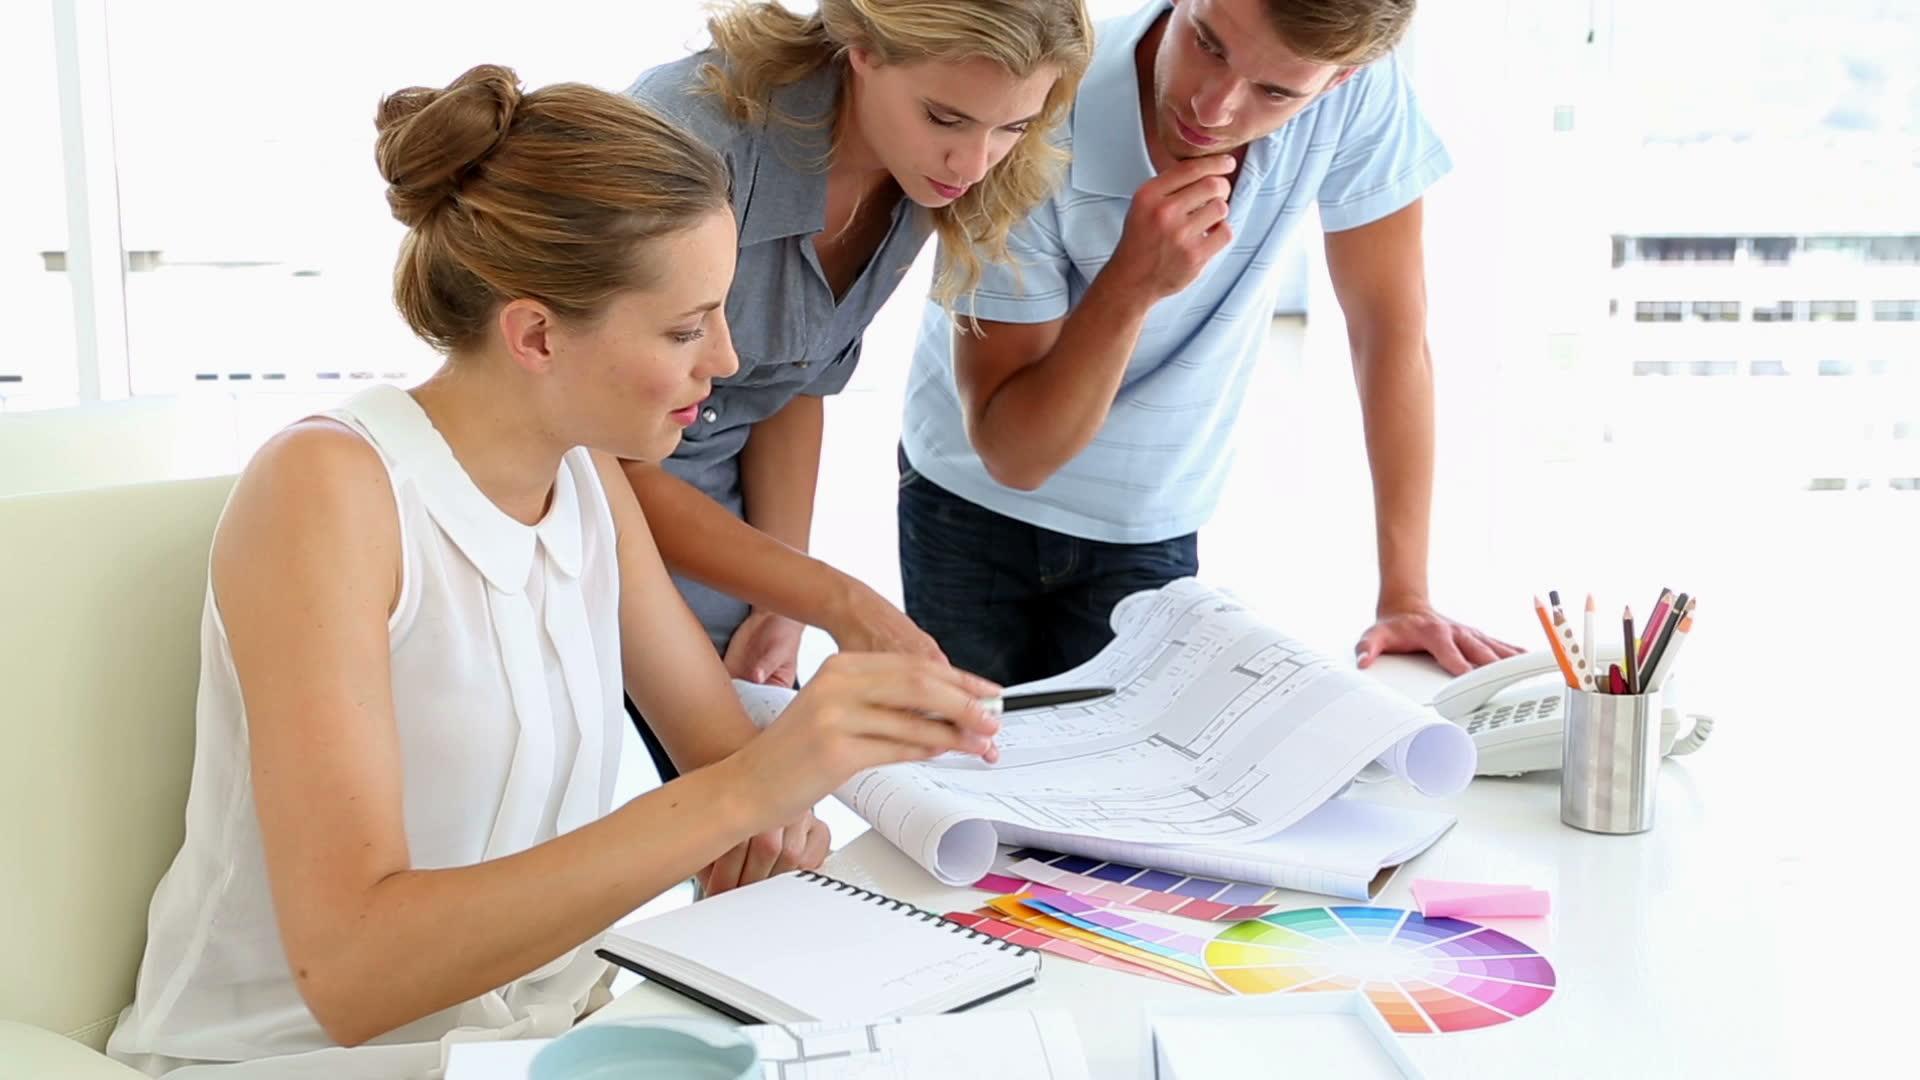 сотрудничество с дизайнерами